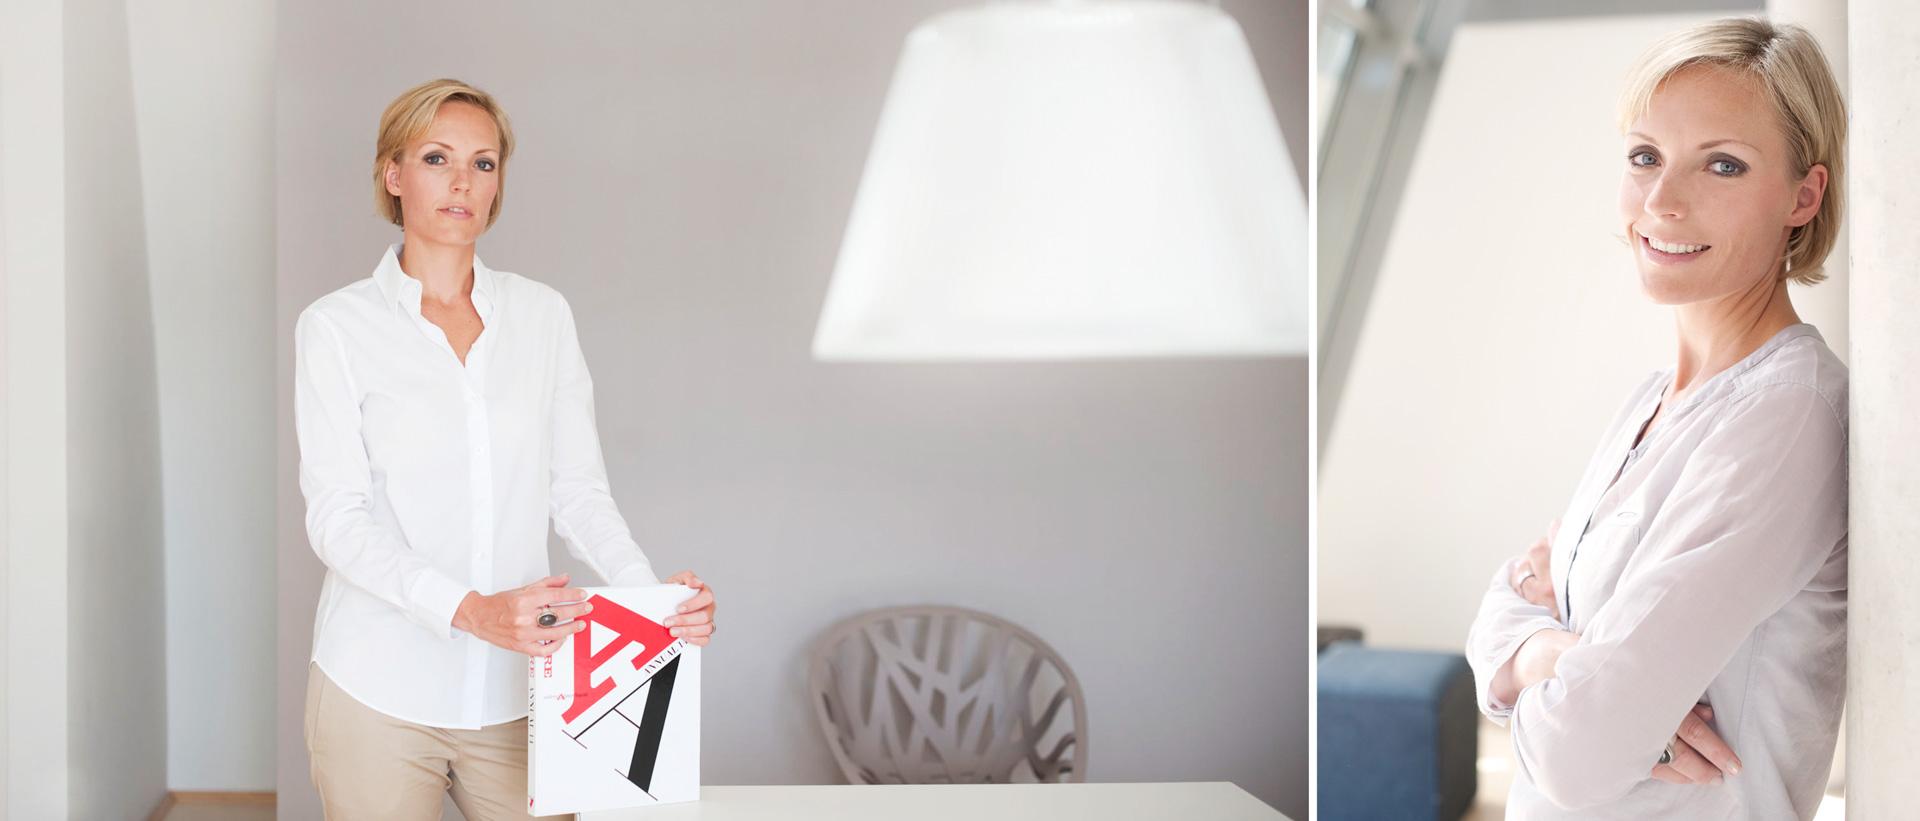 Für die Innenarchitektin Silke Ulbrich-Käferlein produzierte Reingold ein Fotoshooting